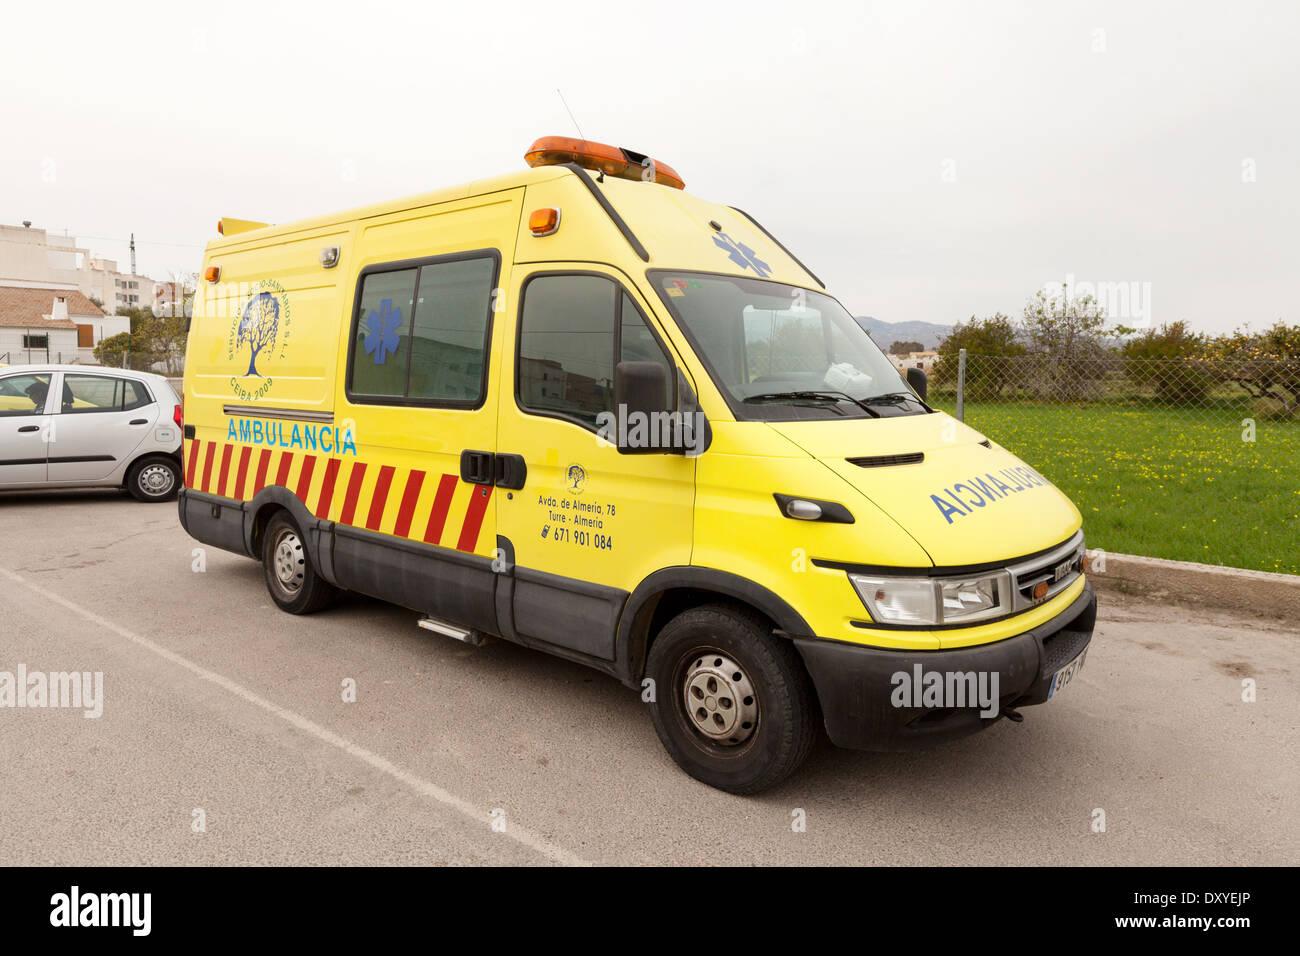 Spanien, Krankenwagen Teil des Europäischen Spanisch Health Service, Almeria, Andalusien, Spanien Stockbild